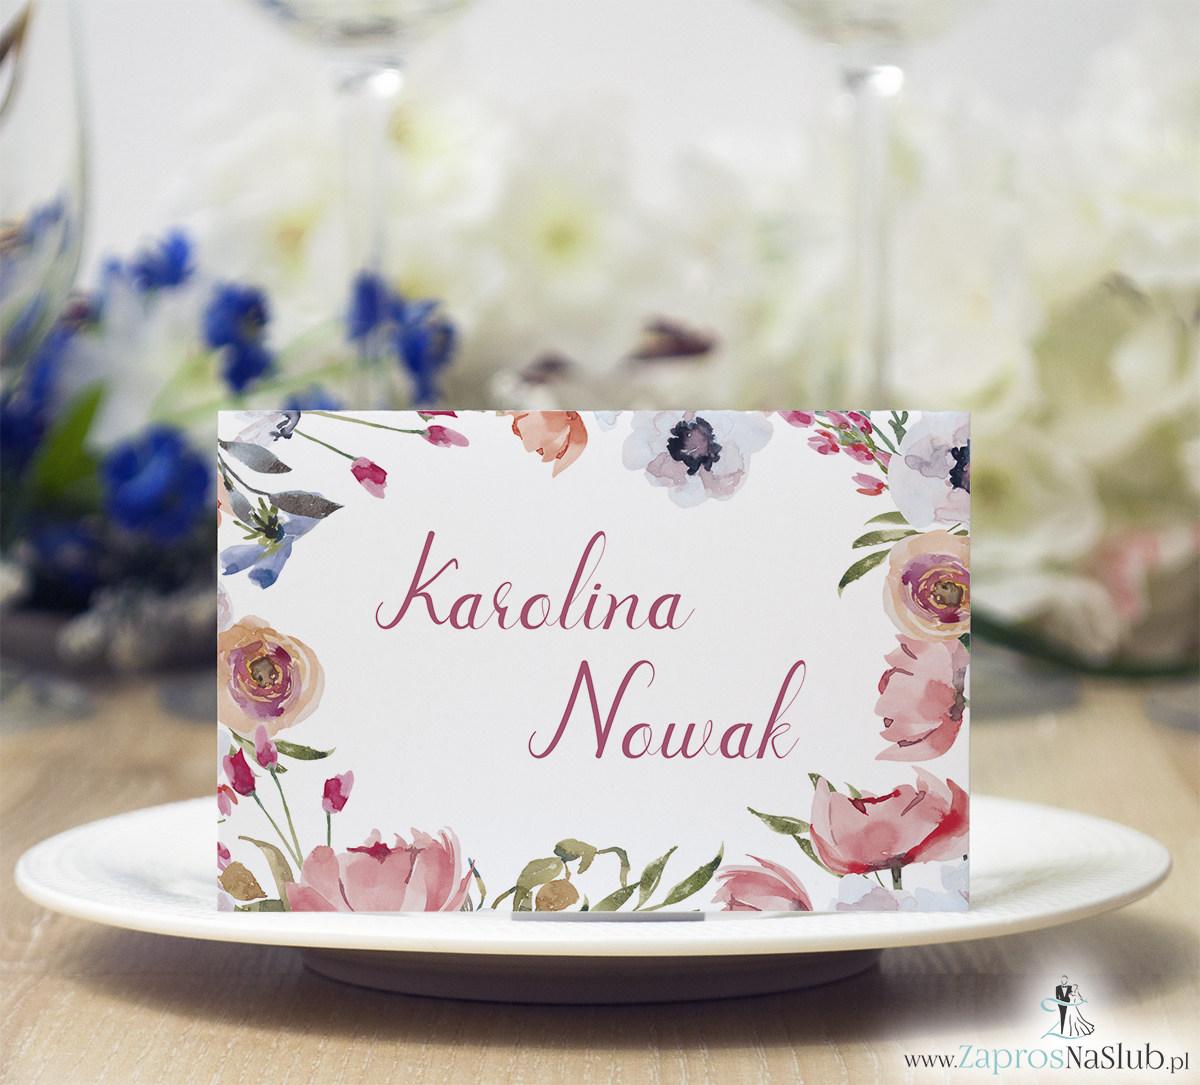 Modne winietki ślubne kwiatowe. Piękne kwiaty otaczające tekst, bardzo modna czcionka, WIN-10006